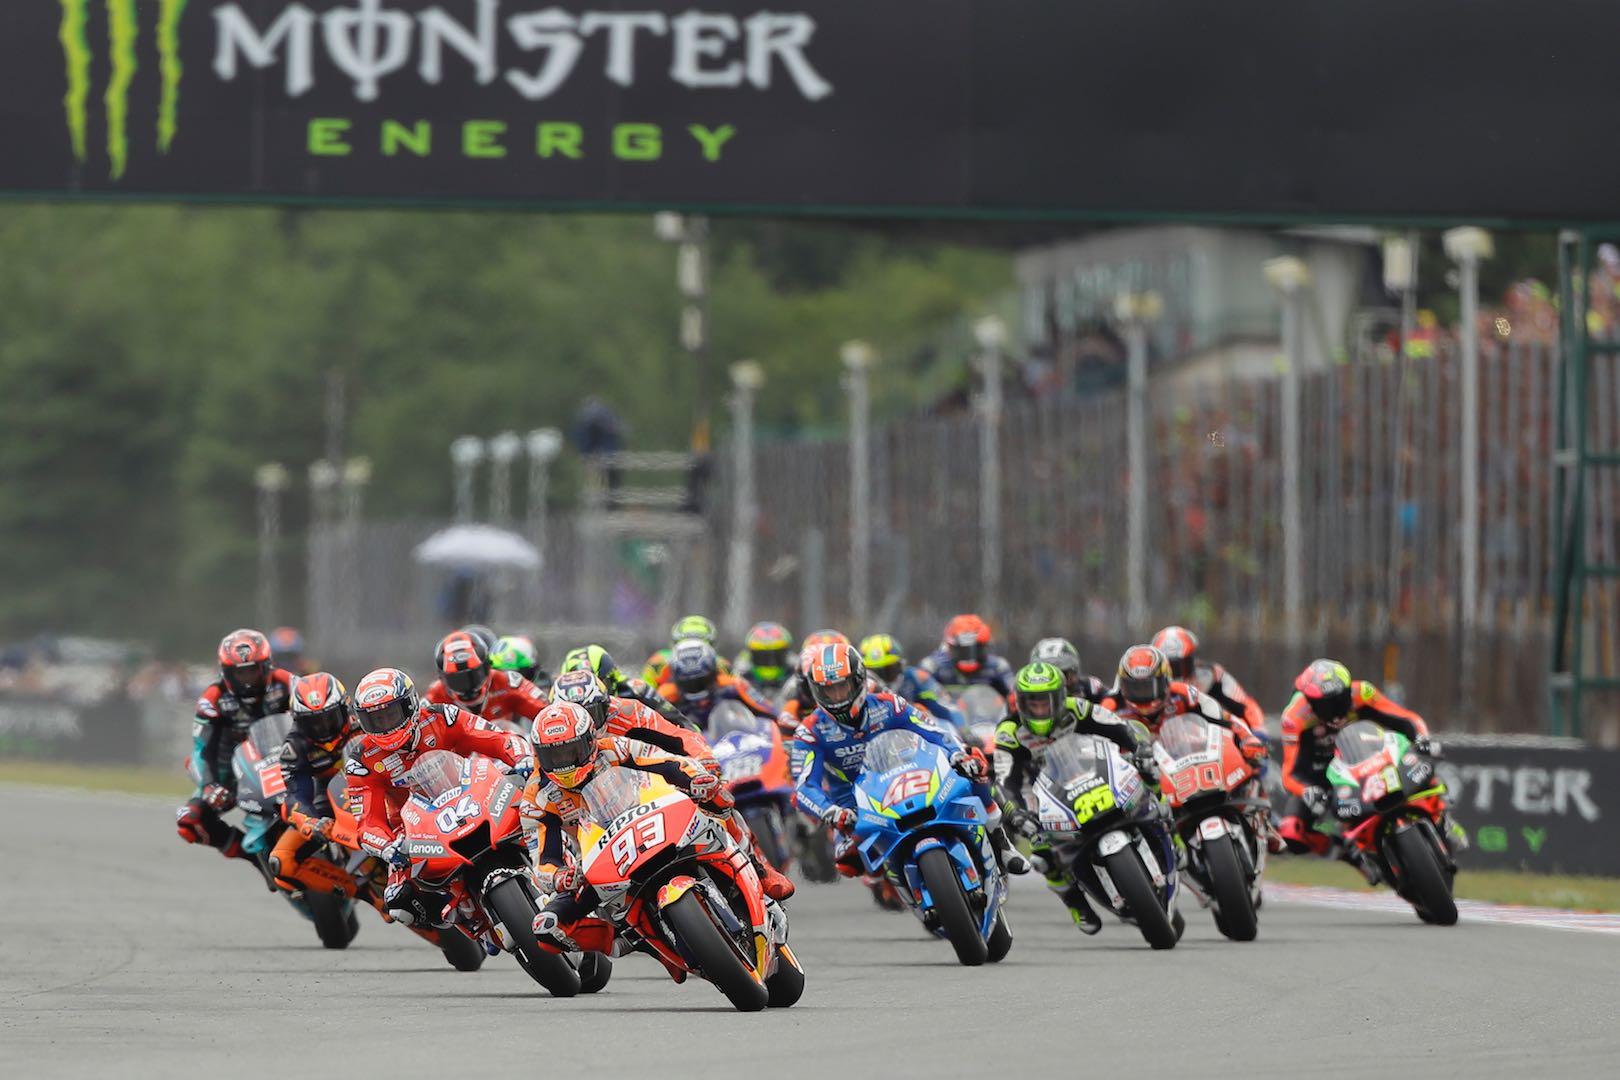 2019 Brno MotoGP Results: Marquez Reigns Rain-Delayed GP